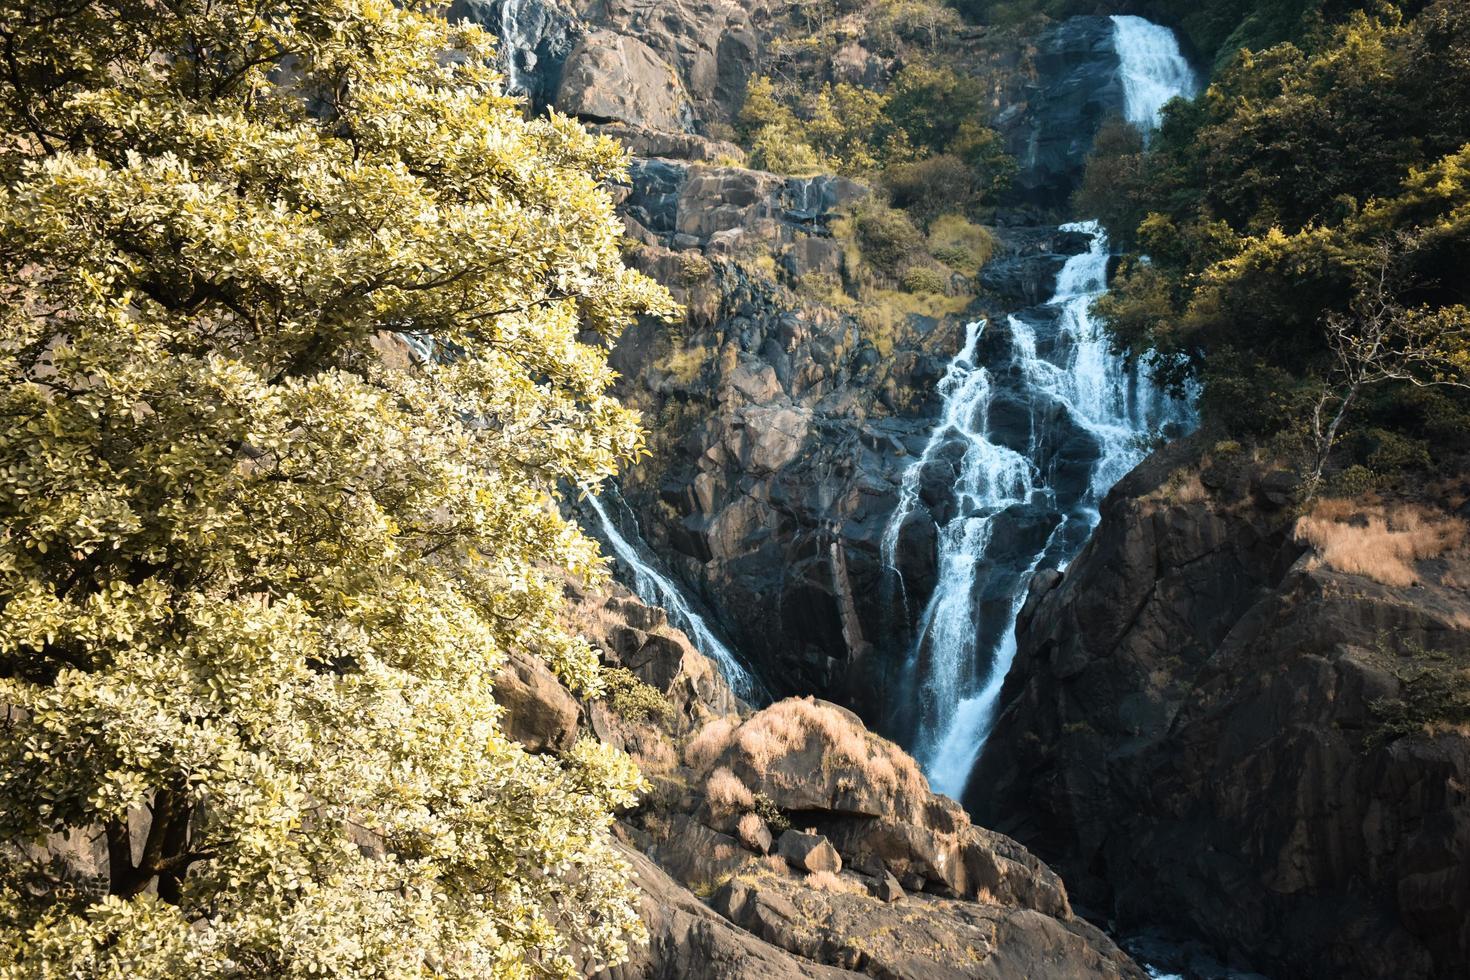 schöner Wasserfall vom Berg foto